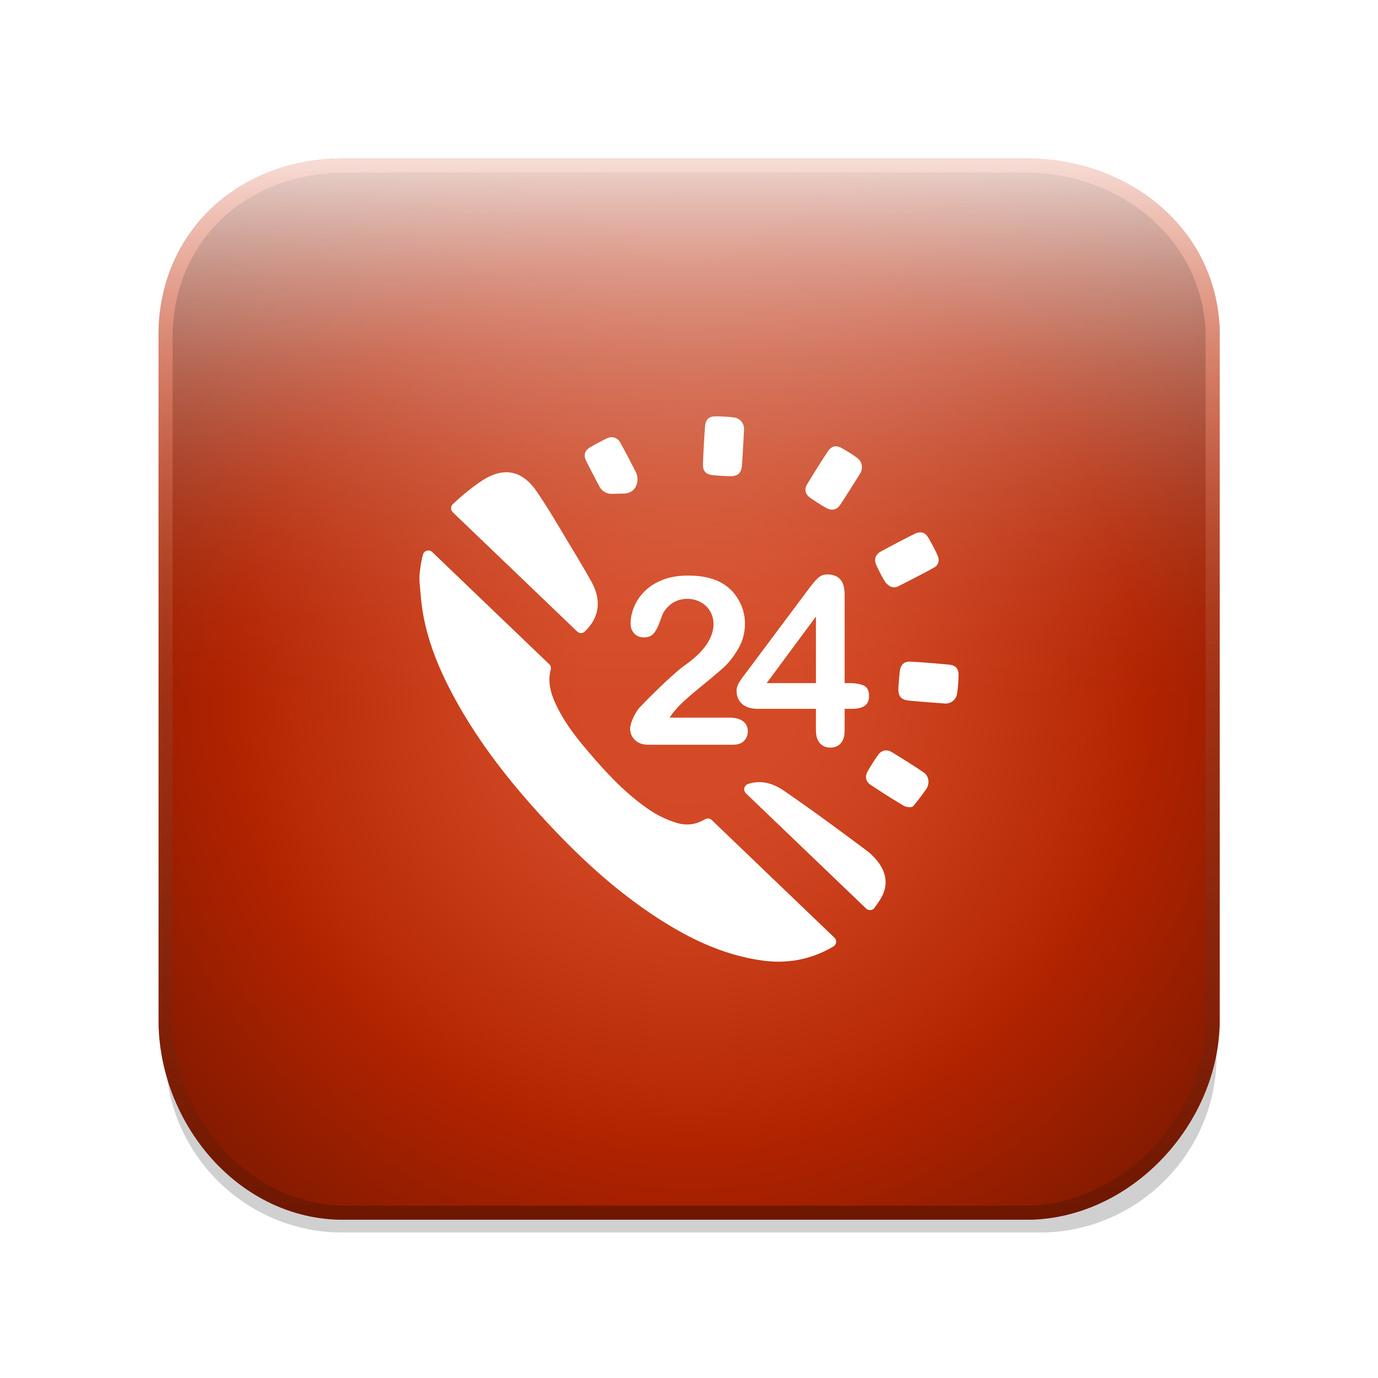 יצירת קשר בנושא הקורס לקידום אתרים ושיווק באינטרנט